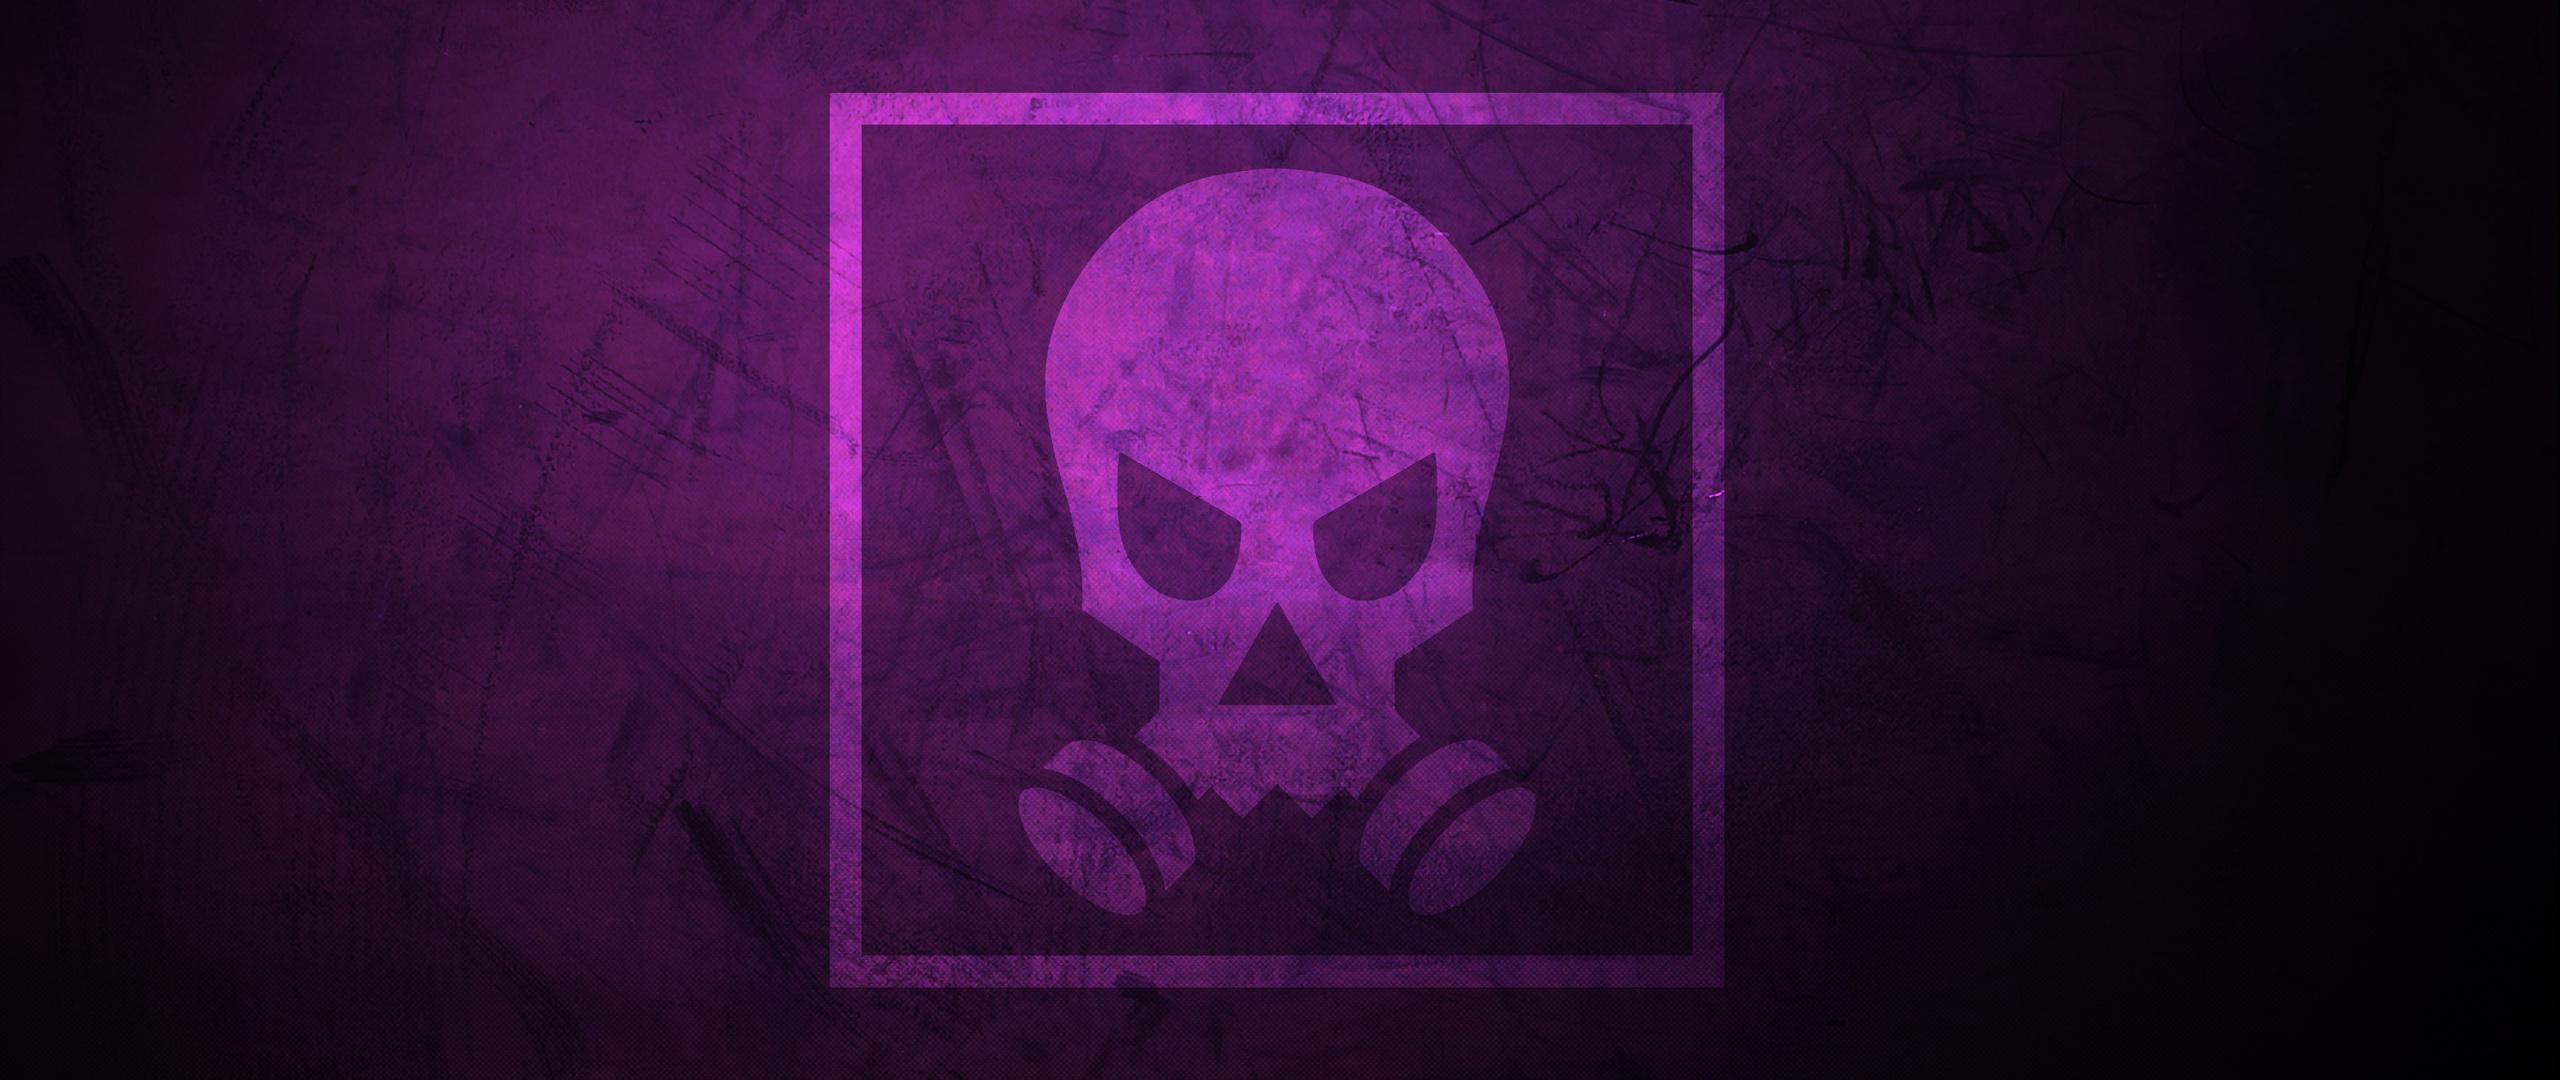 tom-clancys-rainbow-six-siege-minimalist-smoke-skull-12k-s4.jpg